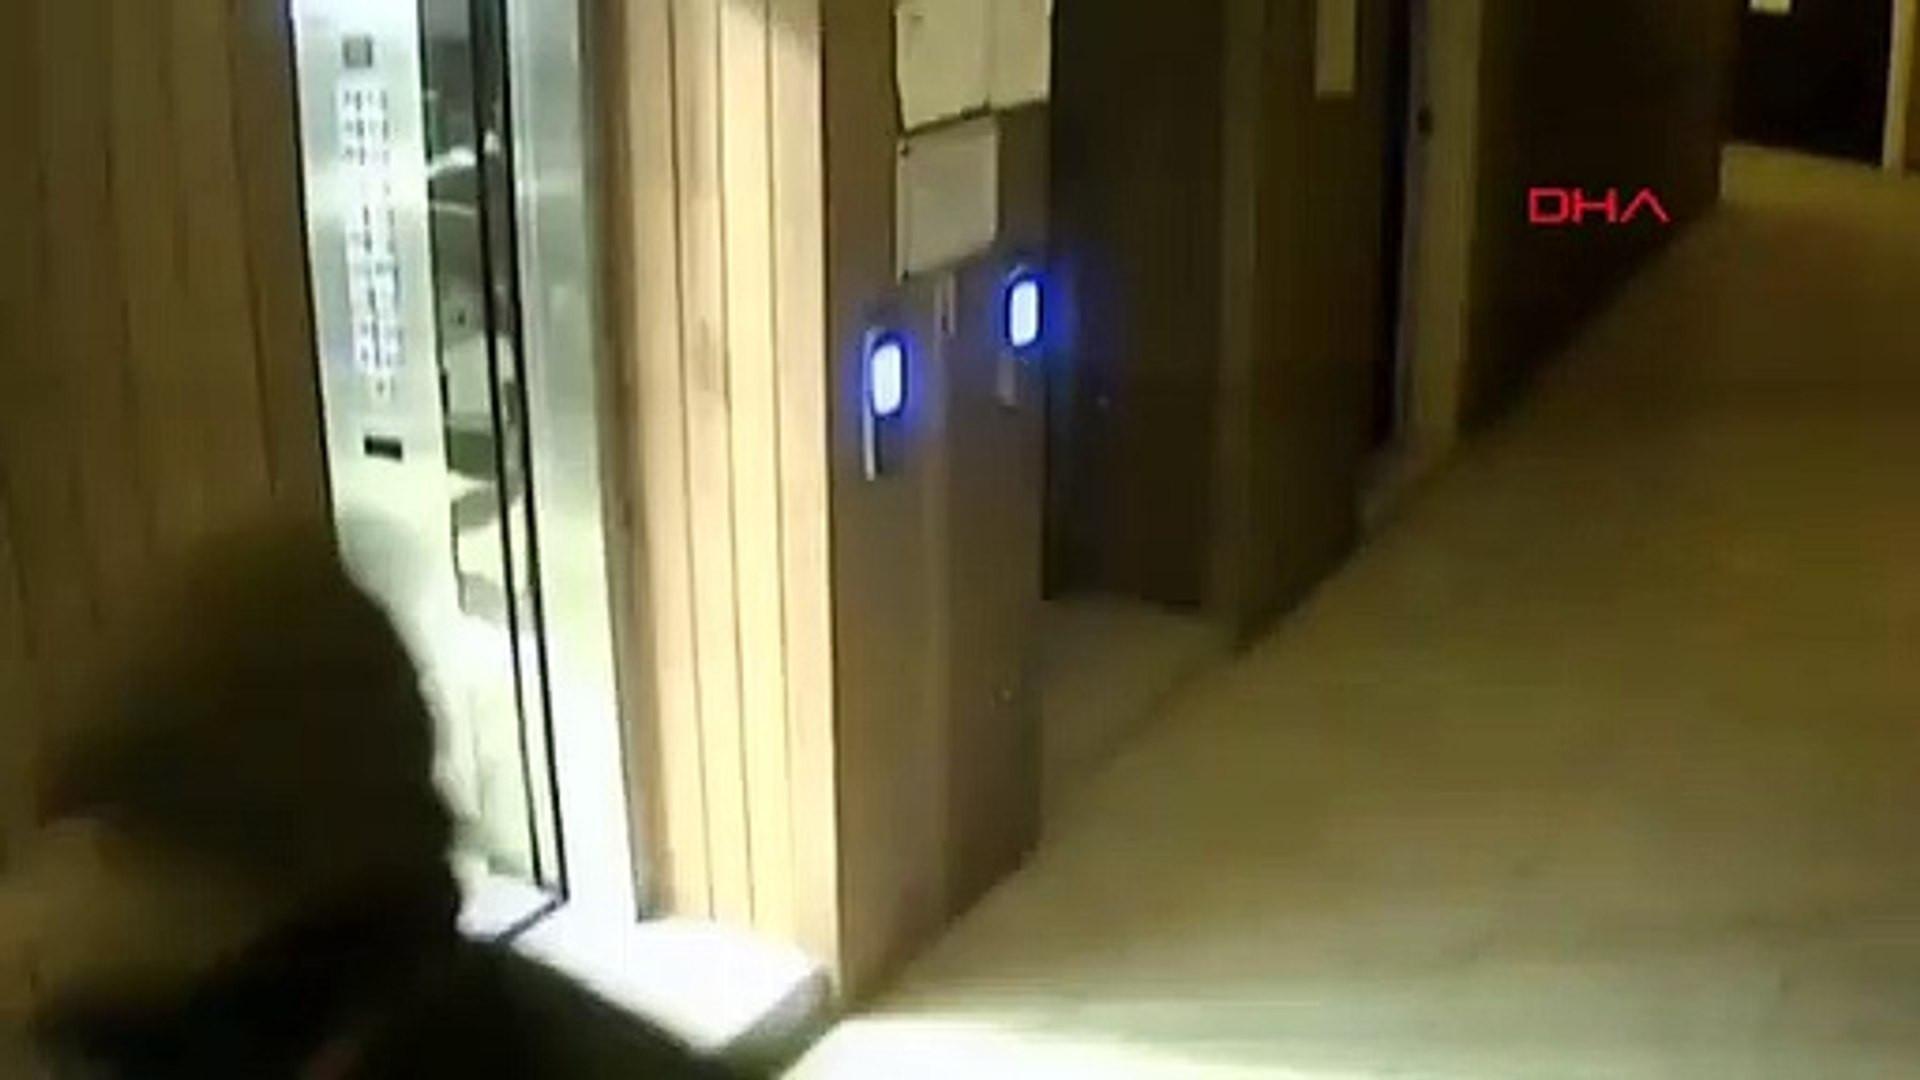 İstanbul Esenyurt'ta Cinayet zanlısı tuvalet penceresinden kaçmaya çalışırken yakalandı